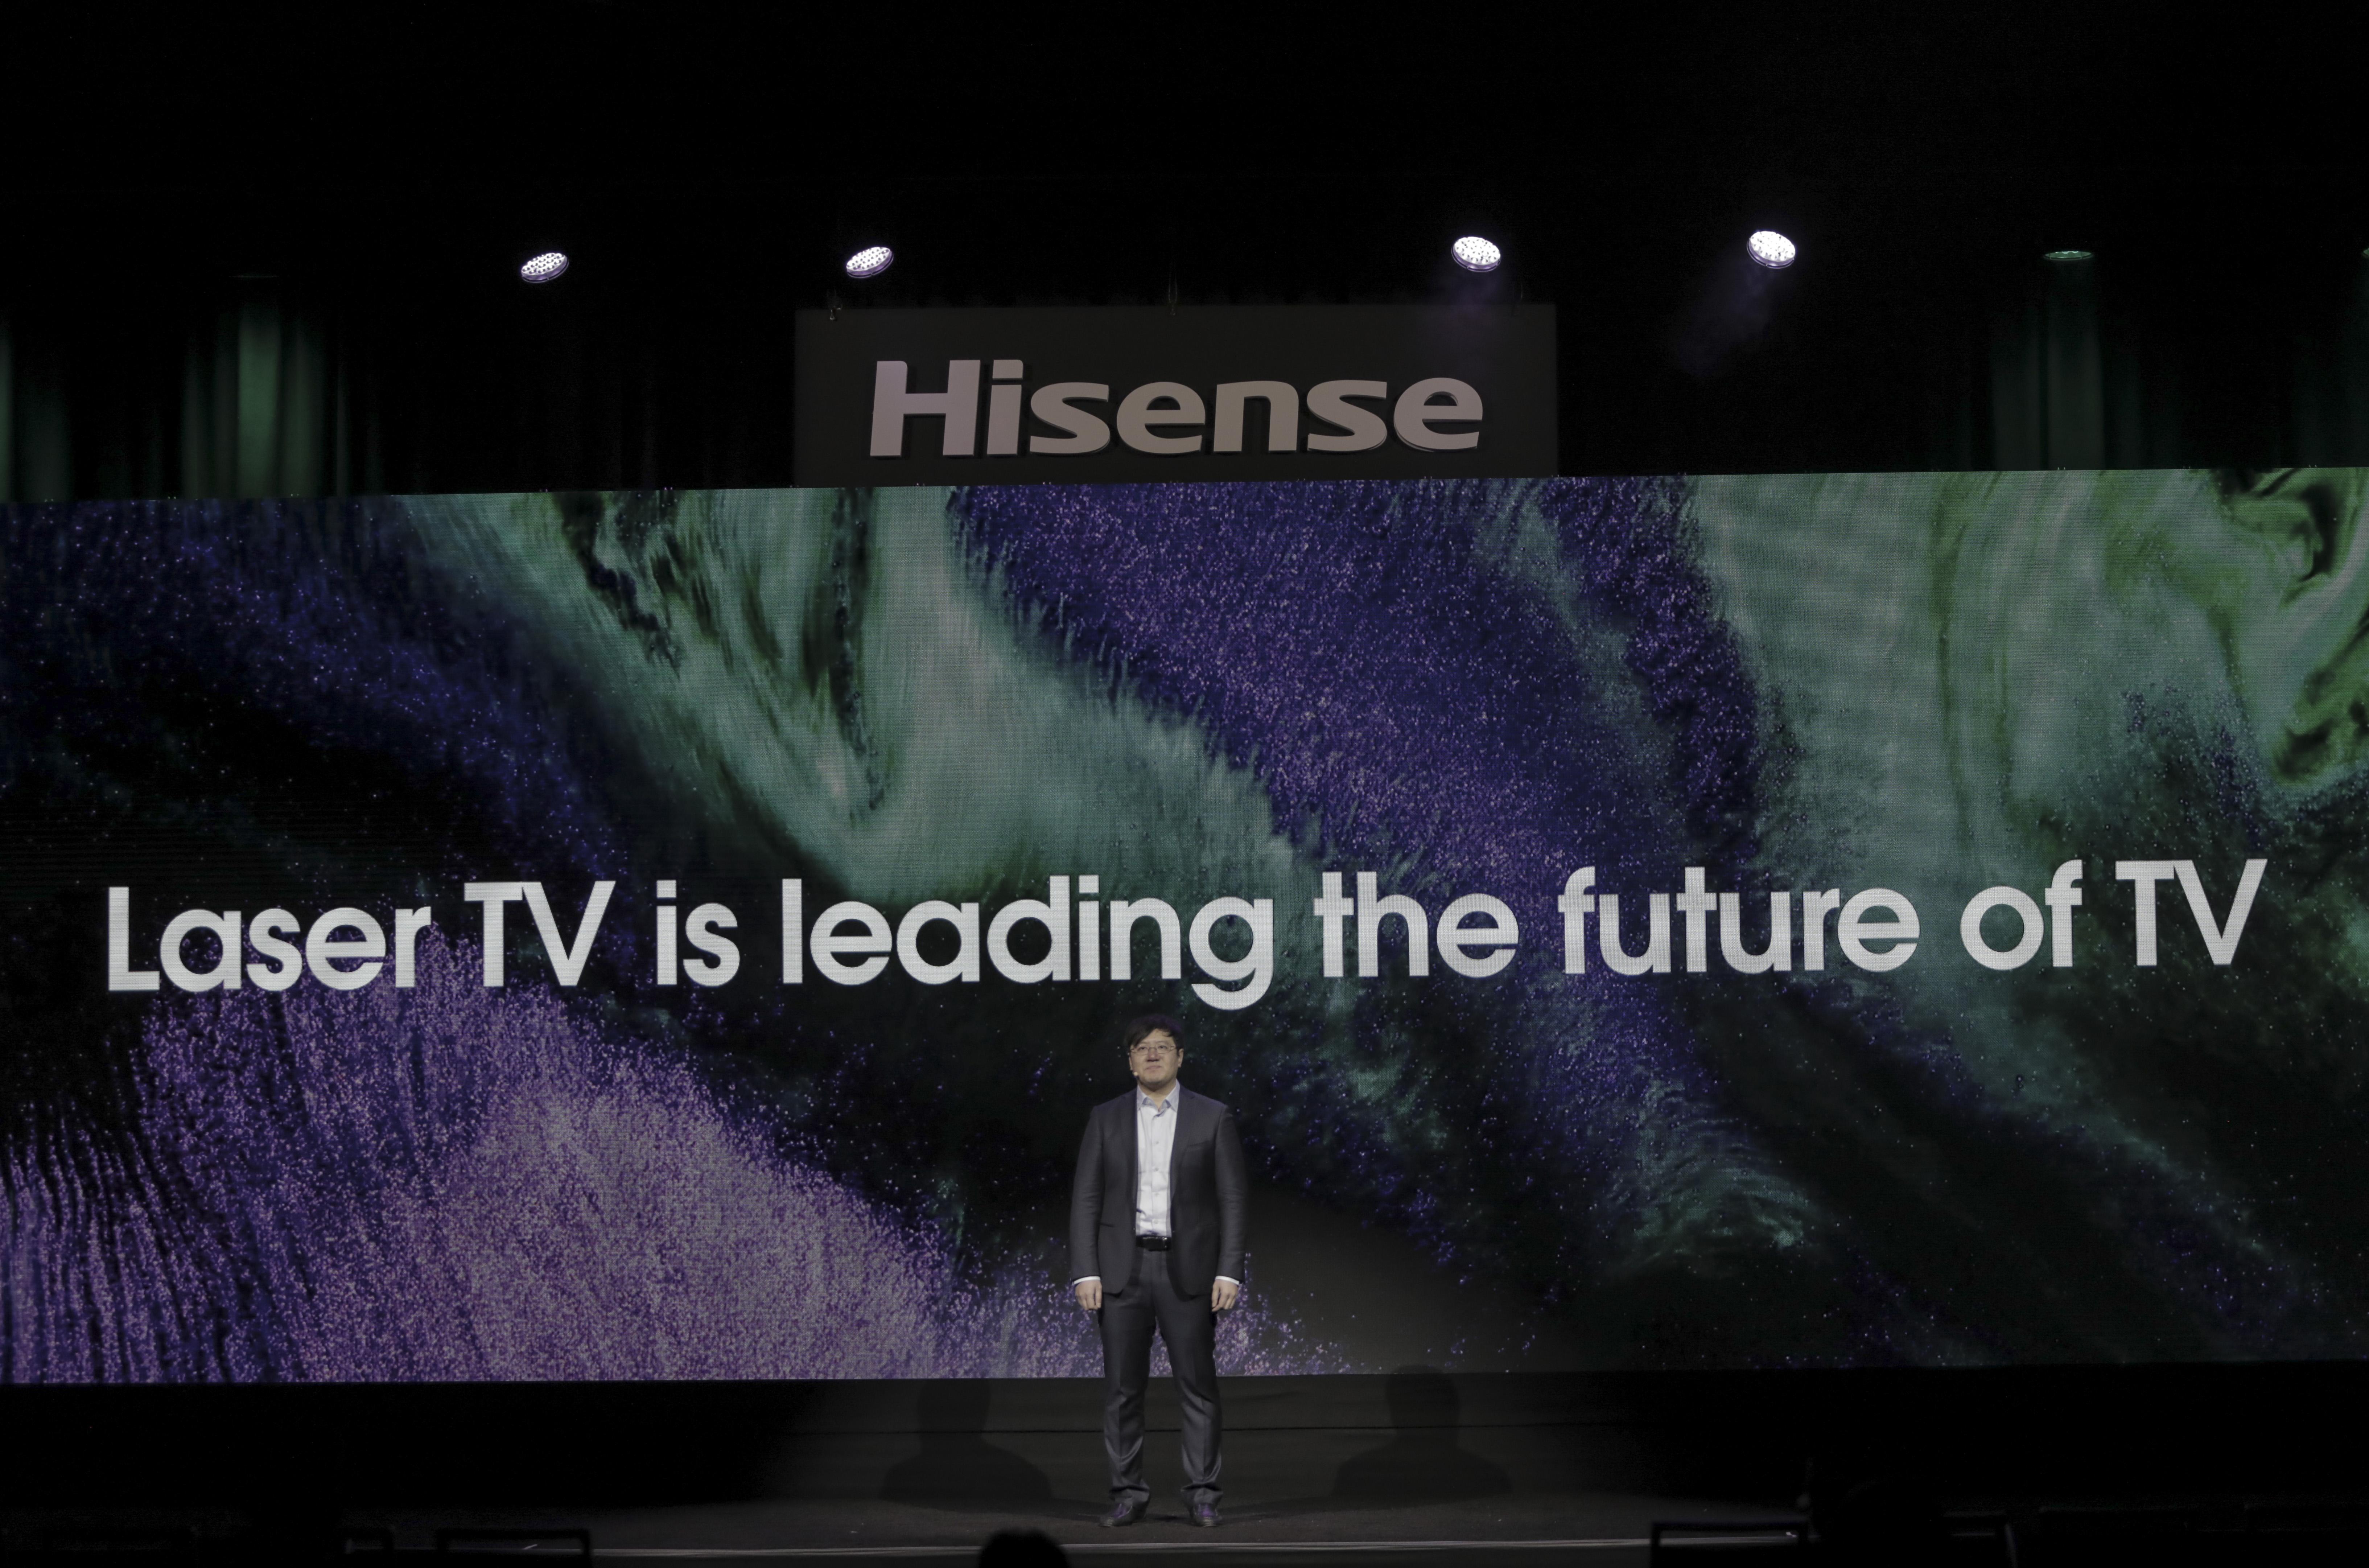 Hisense muestra su nueva gama de Laser TV en CES Las Vegas 2020